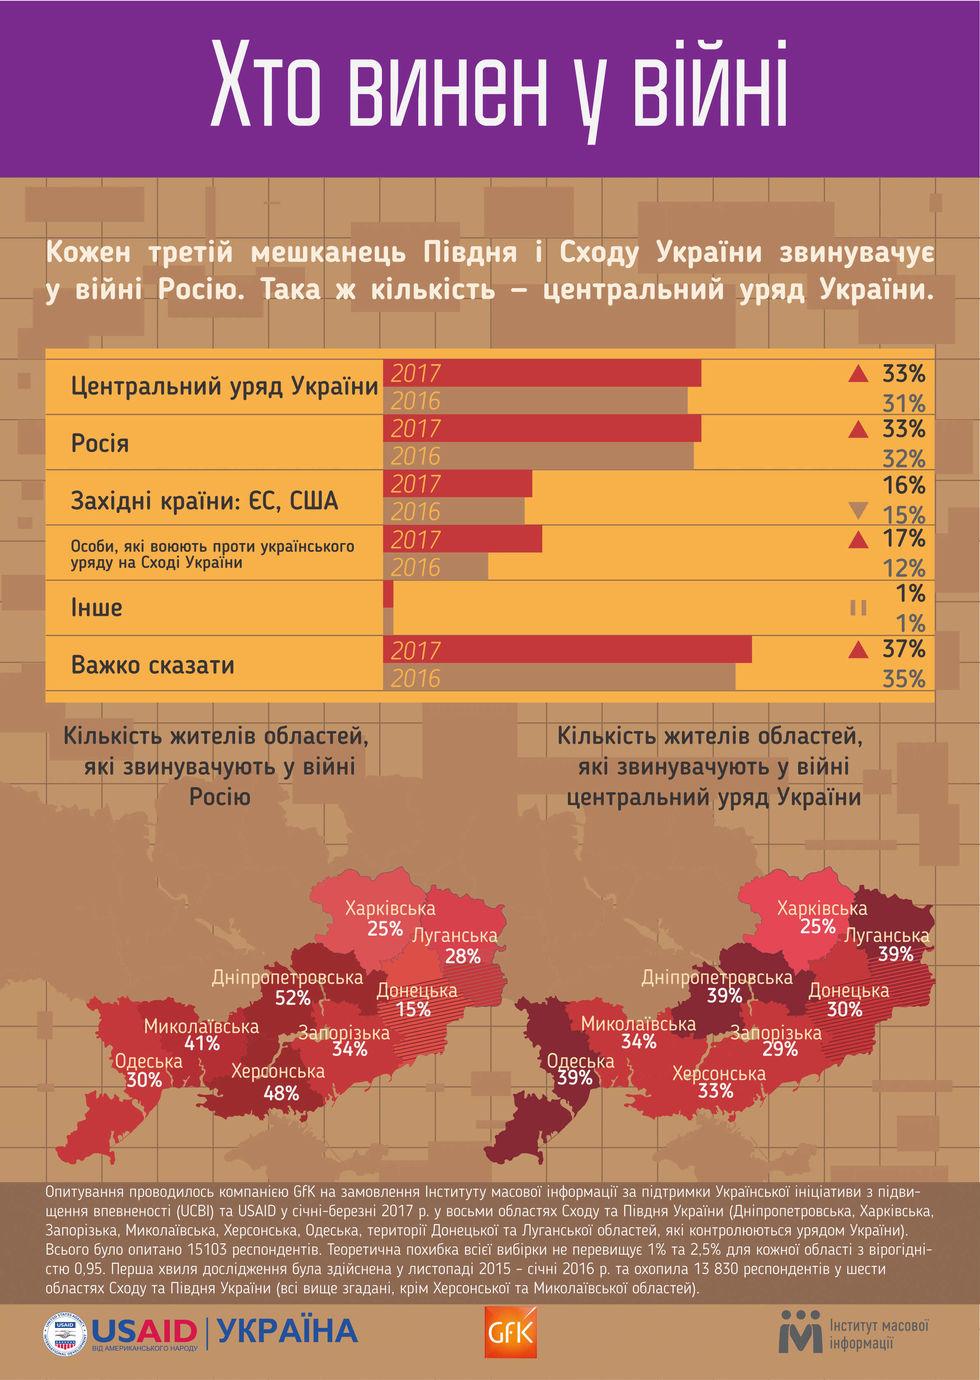 Соцопрос: Каждый третий житель юга и востока Украины возлагает вину за конфликт на Донбассе на правительство Украины. Инфографика / ГОРДОН